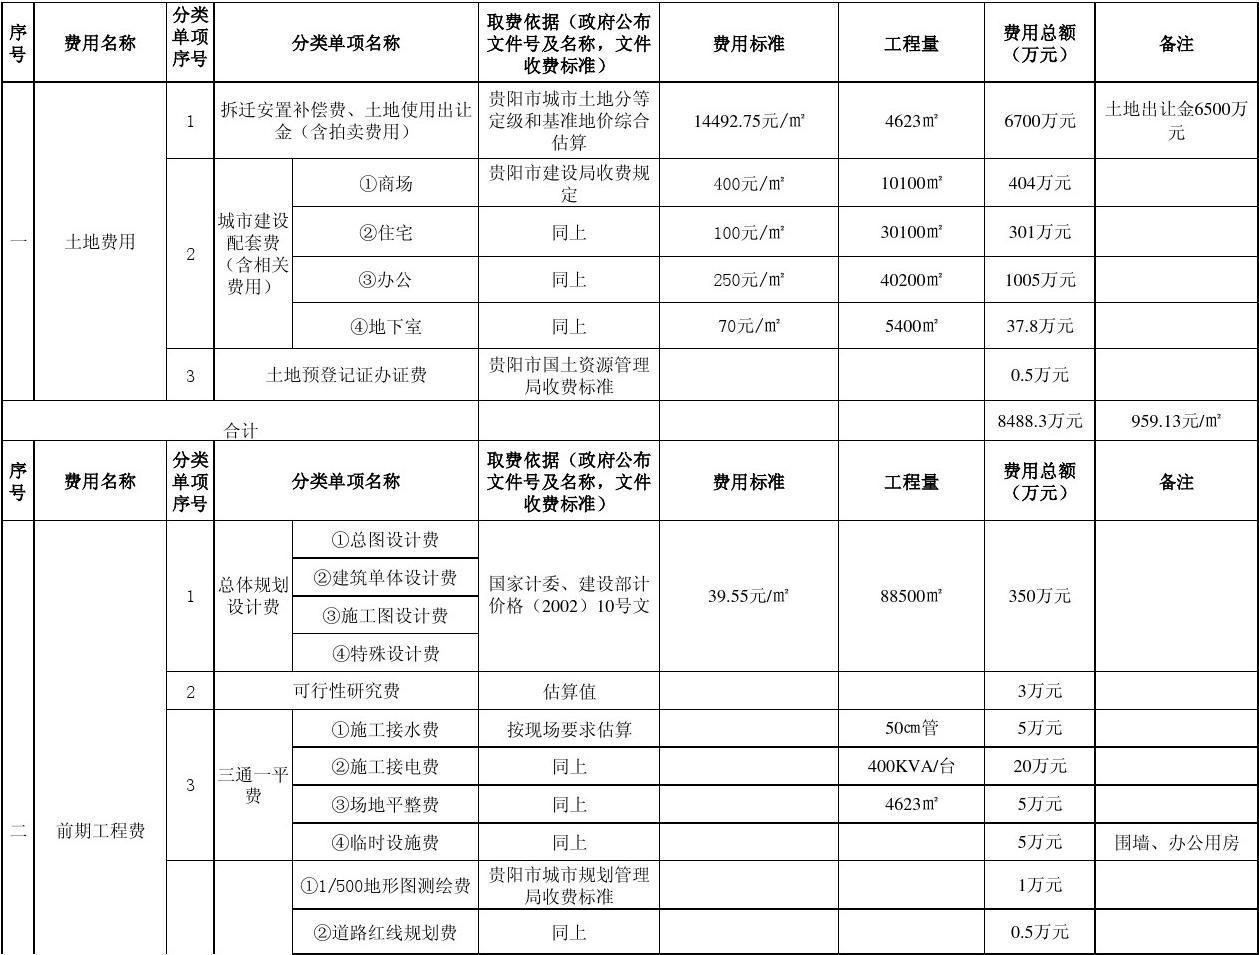 貴陽地王大廈房開成本費用一覽表